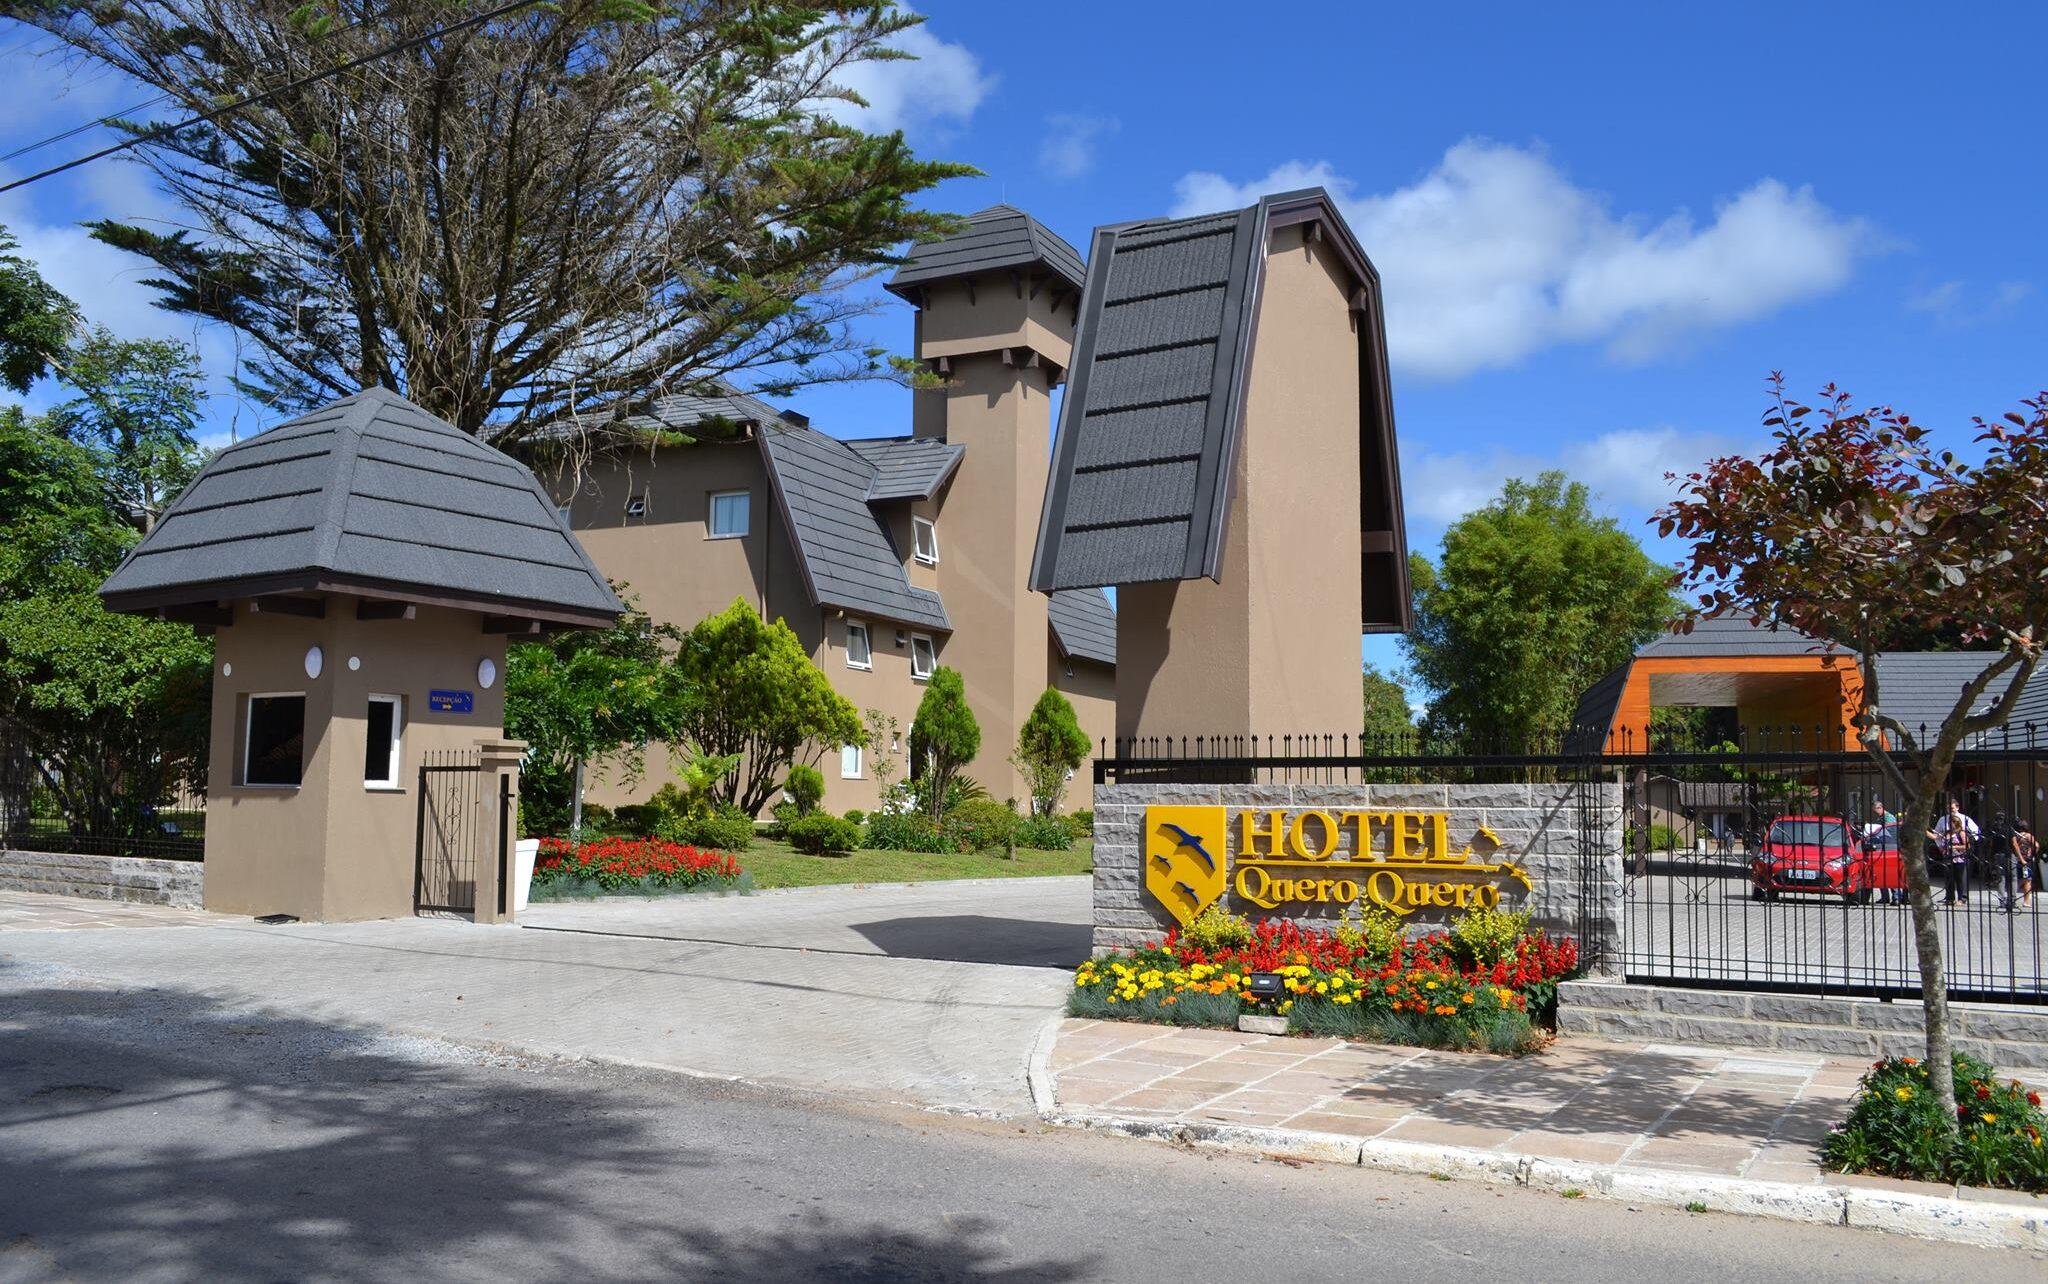 Hotel Fioreze Quero Quero: hospedagem para a família em Gramado